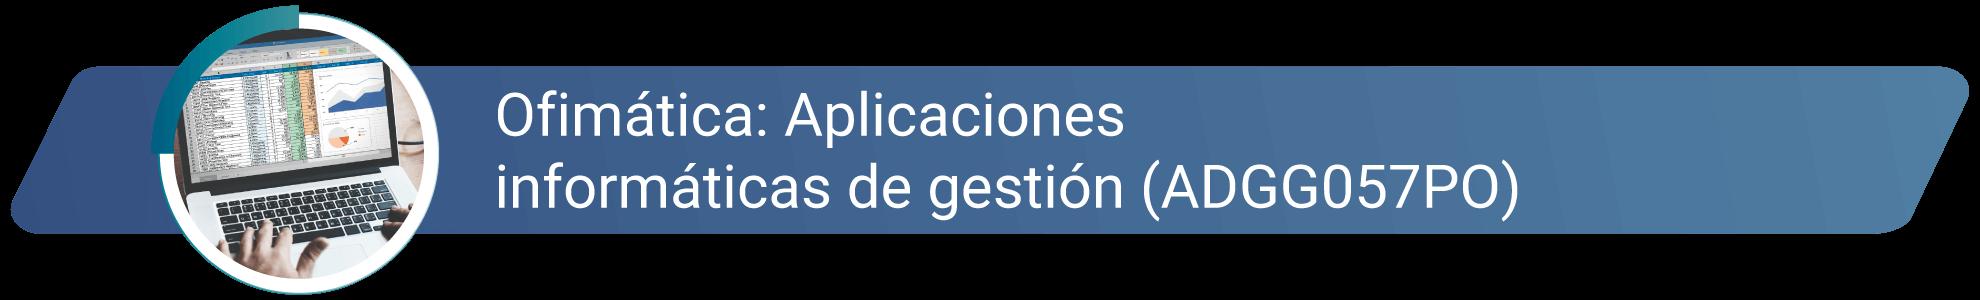 ADGG057PO - Ofimática_Aplicaciones informáticas de gestión